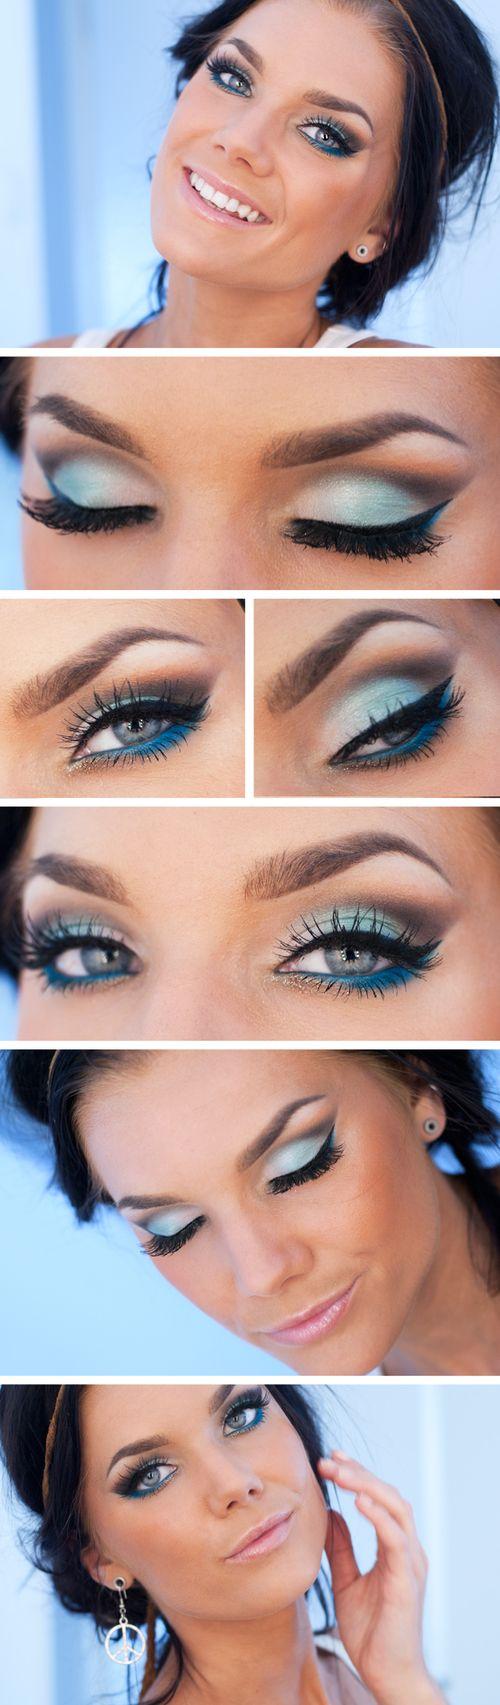 Mavi gözler için eyeliner ve makyaj ipuçları